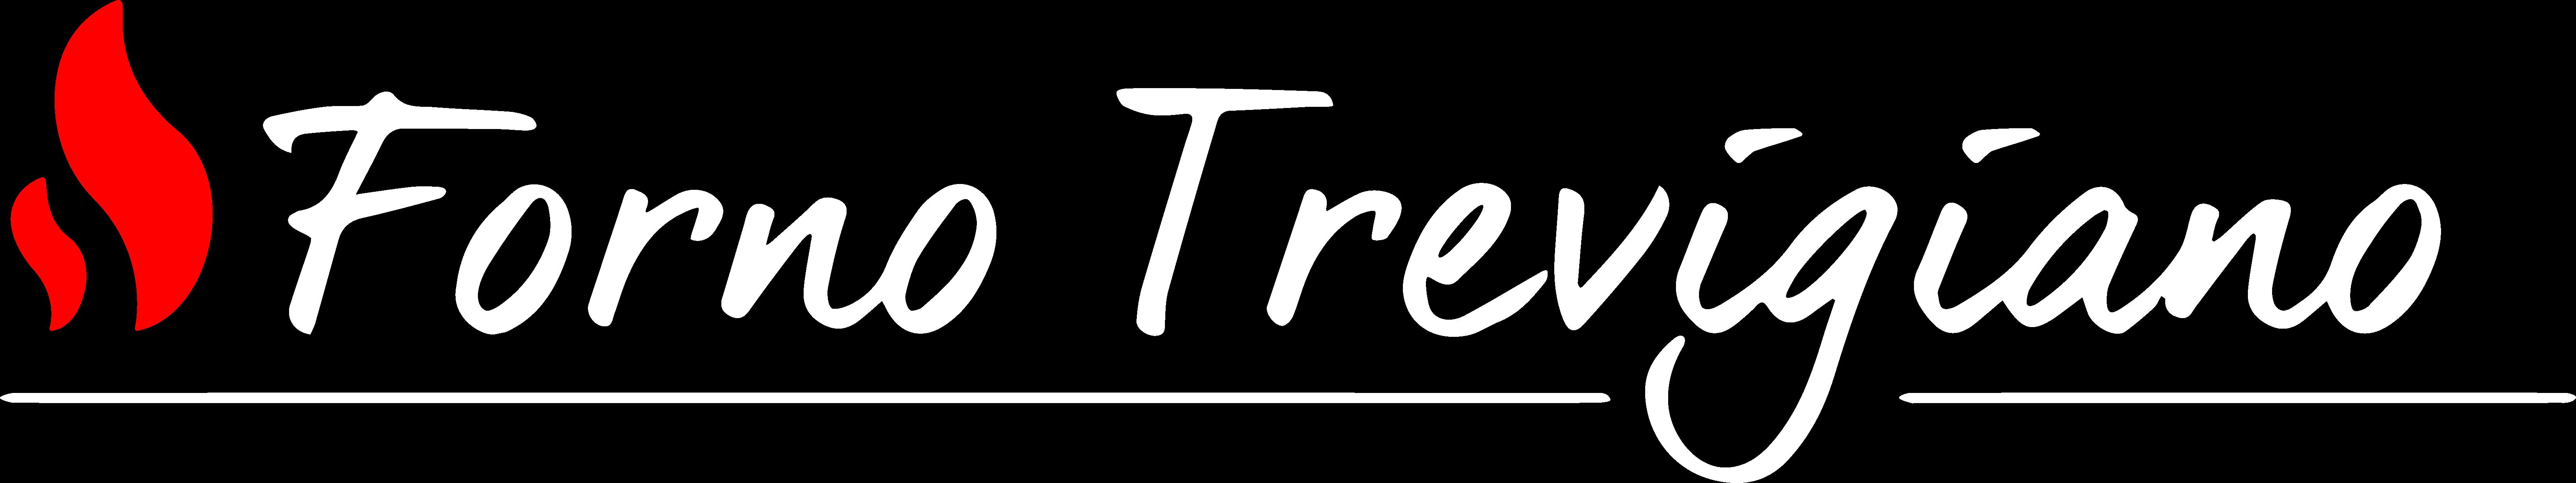 Forno Trevigiano